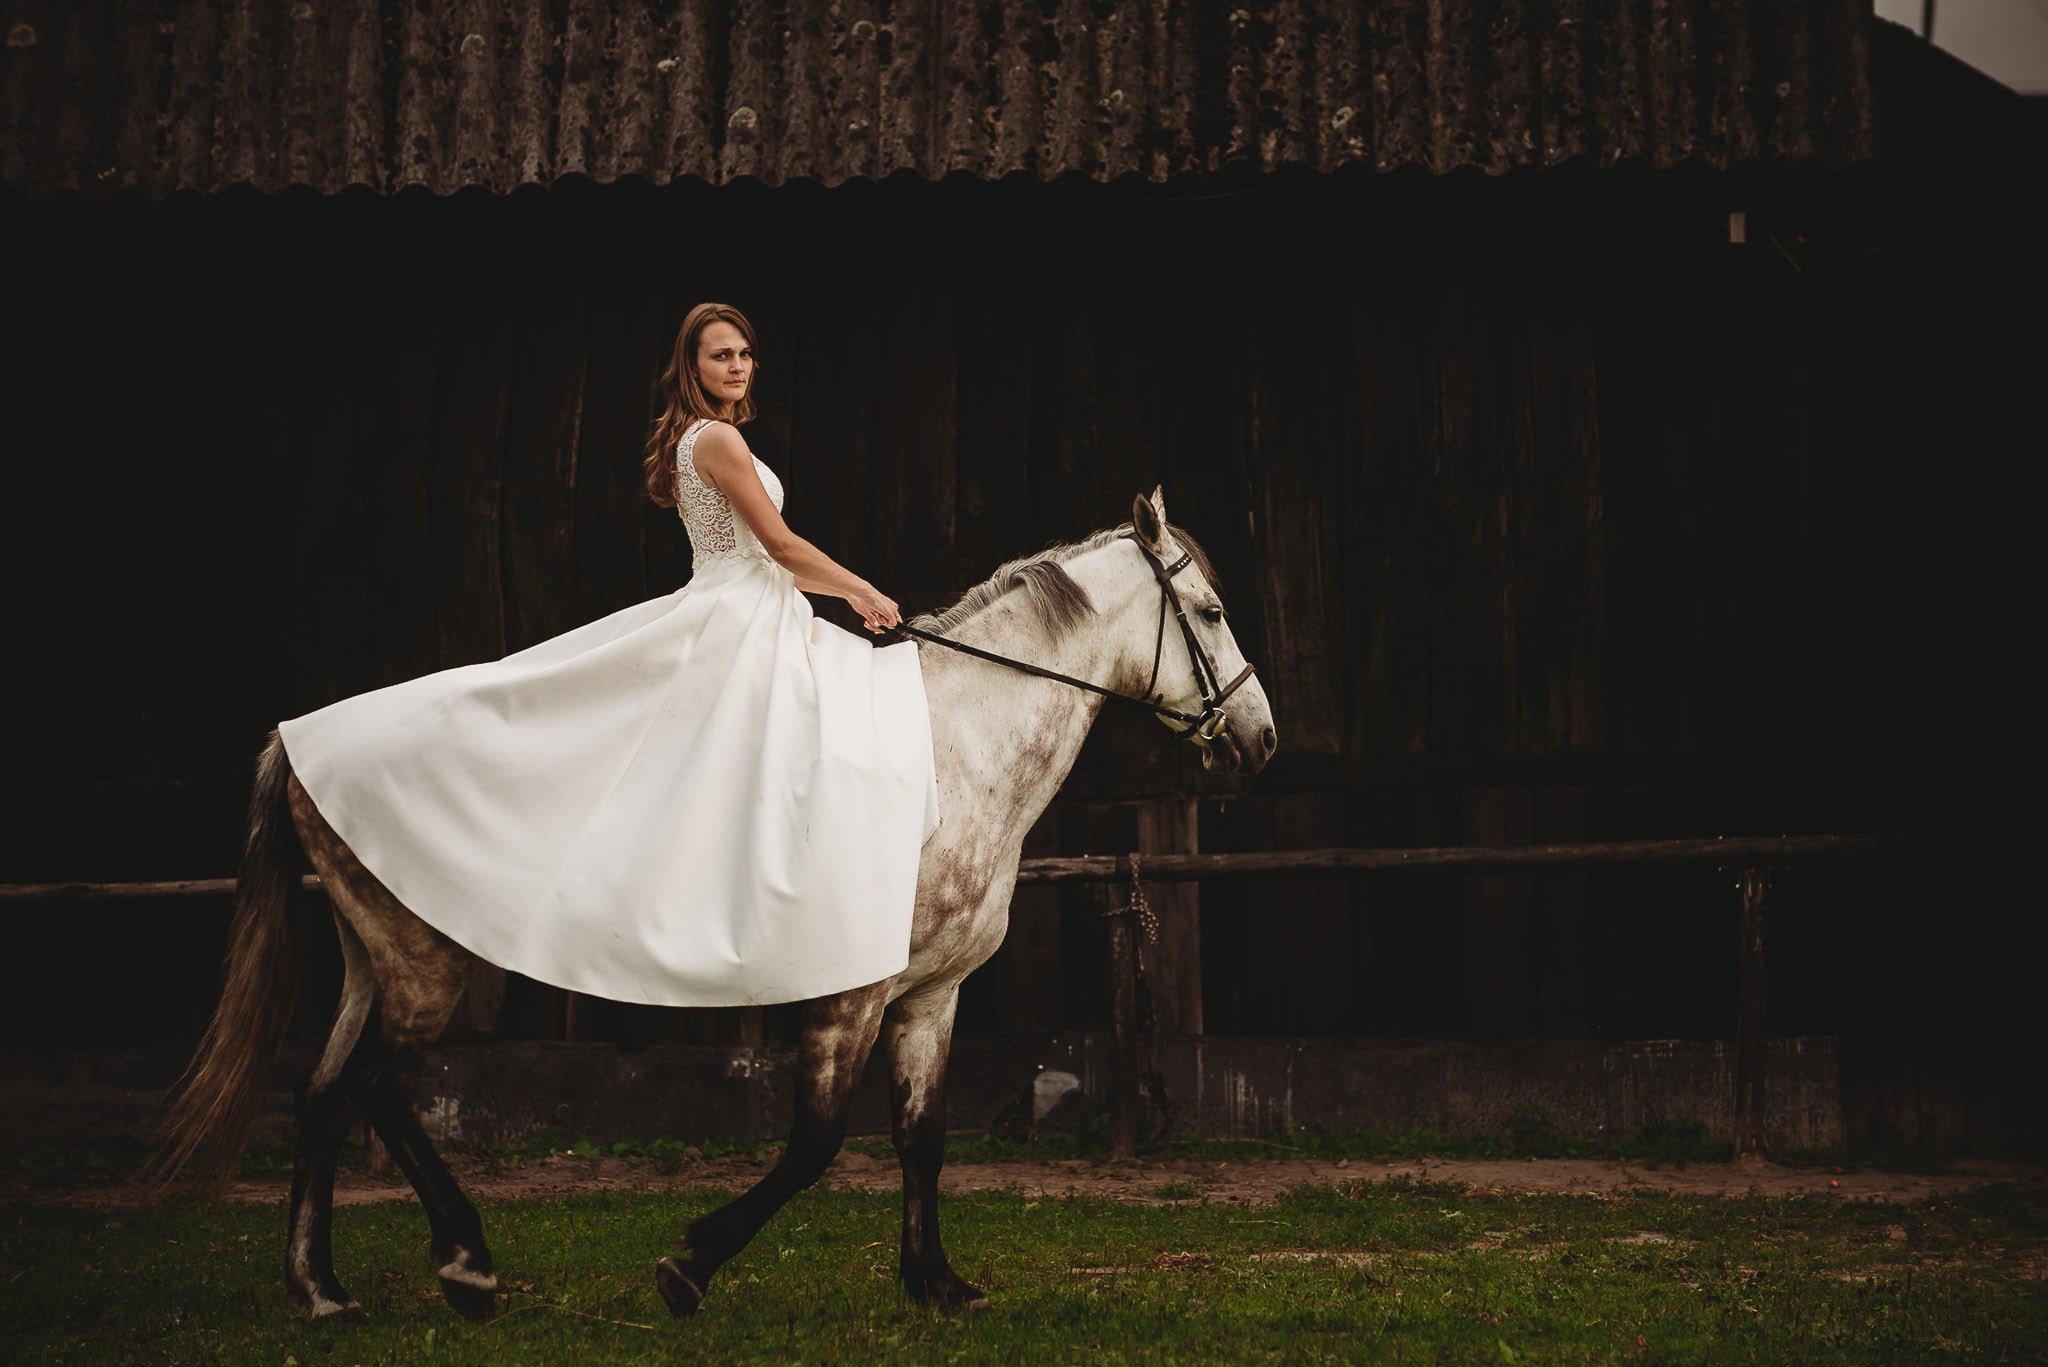 Monika i Michał, wesele w Paryżu i sesja plenerowa w stadninie koni w Czołowie 386